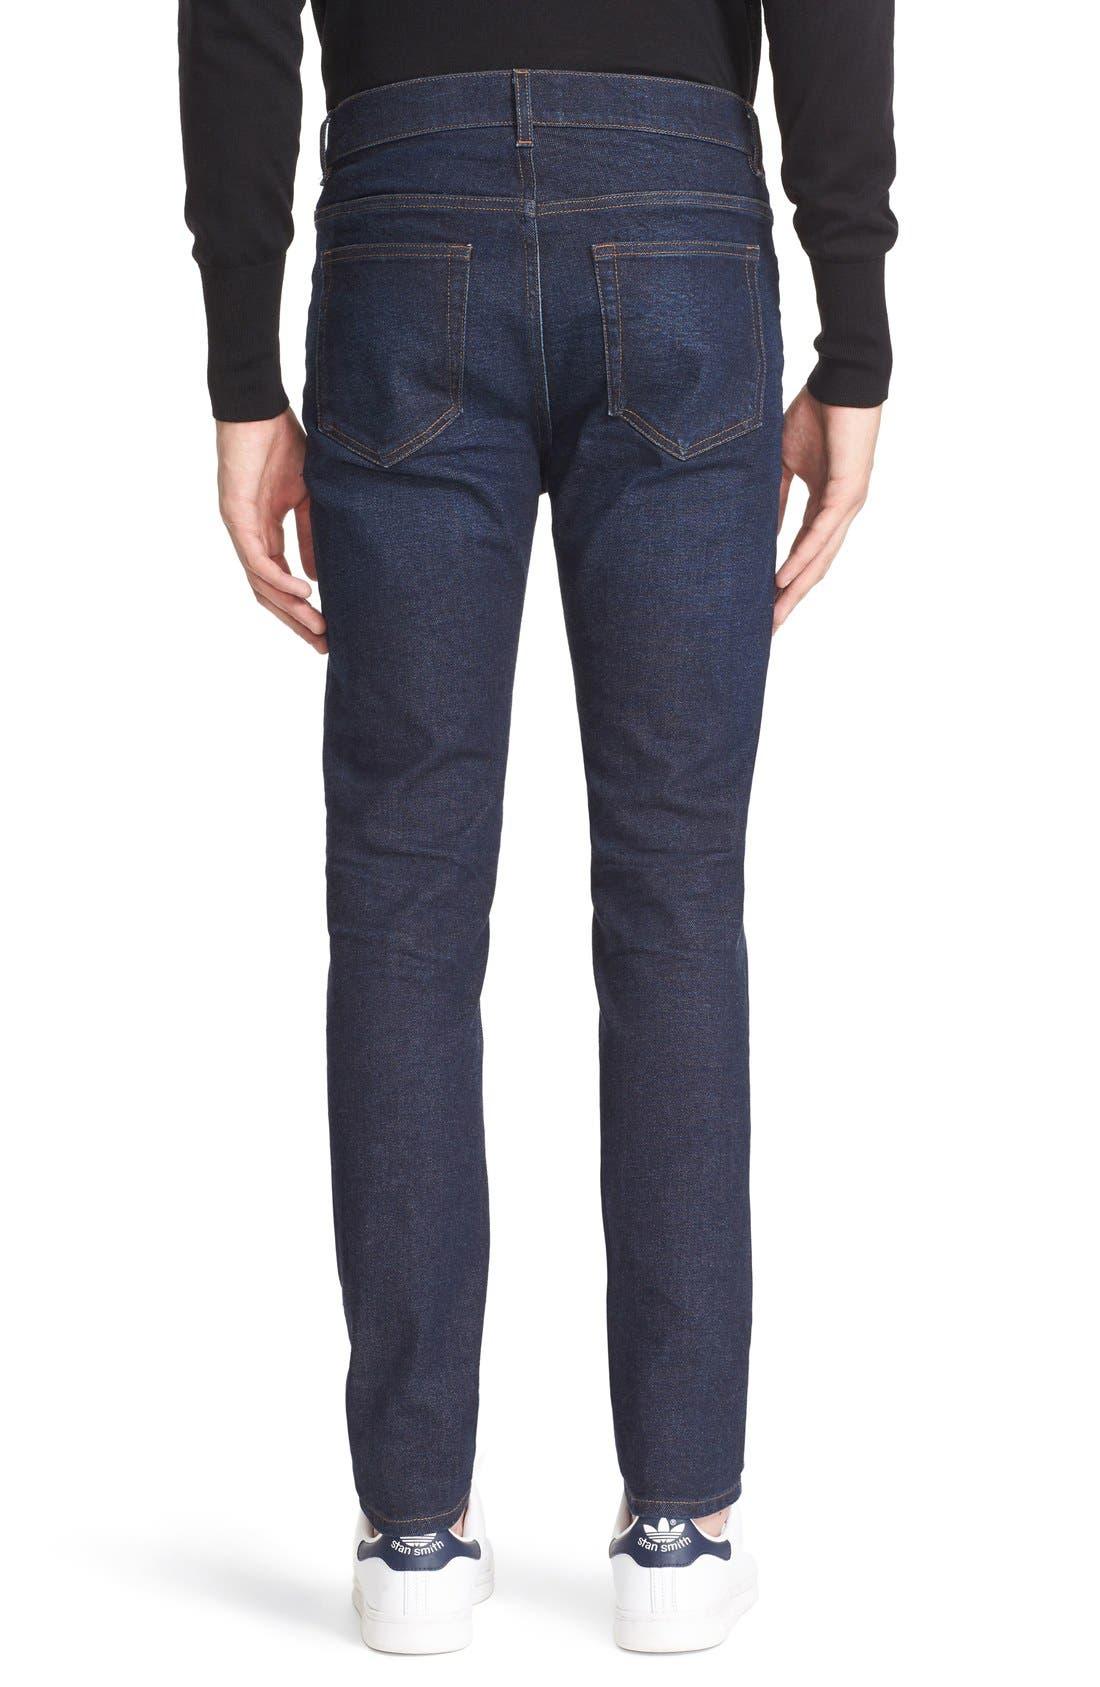 Ace Slim Fit Jeans,                             Alternate thumbnail 2, color,                             400